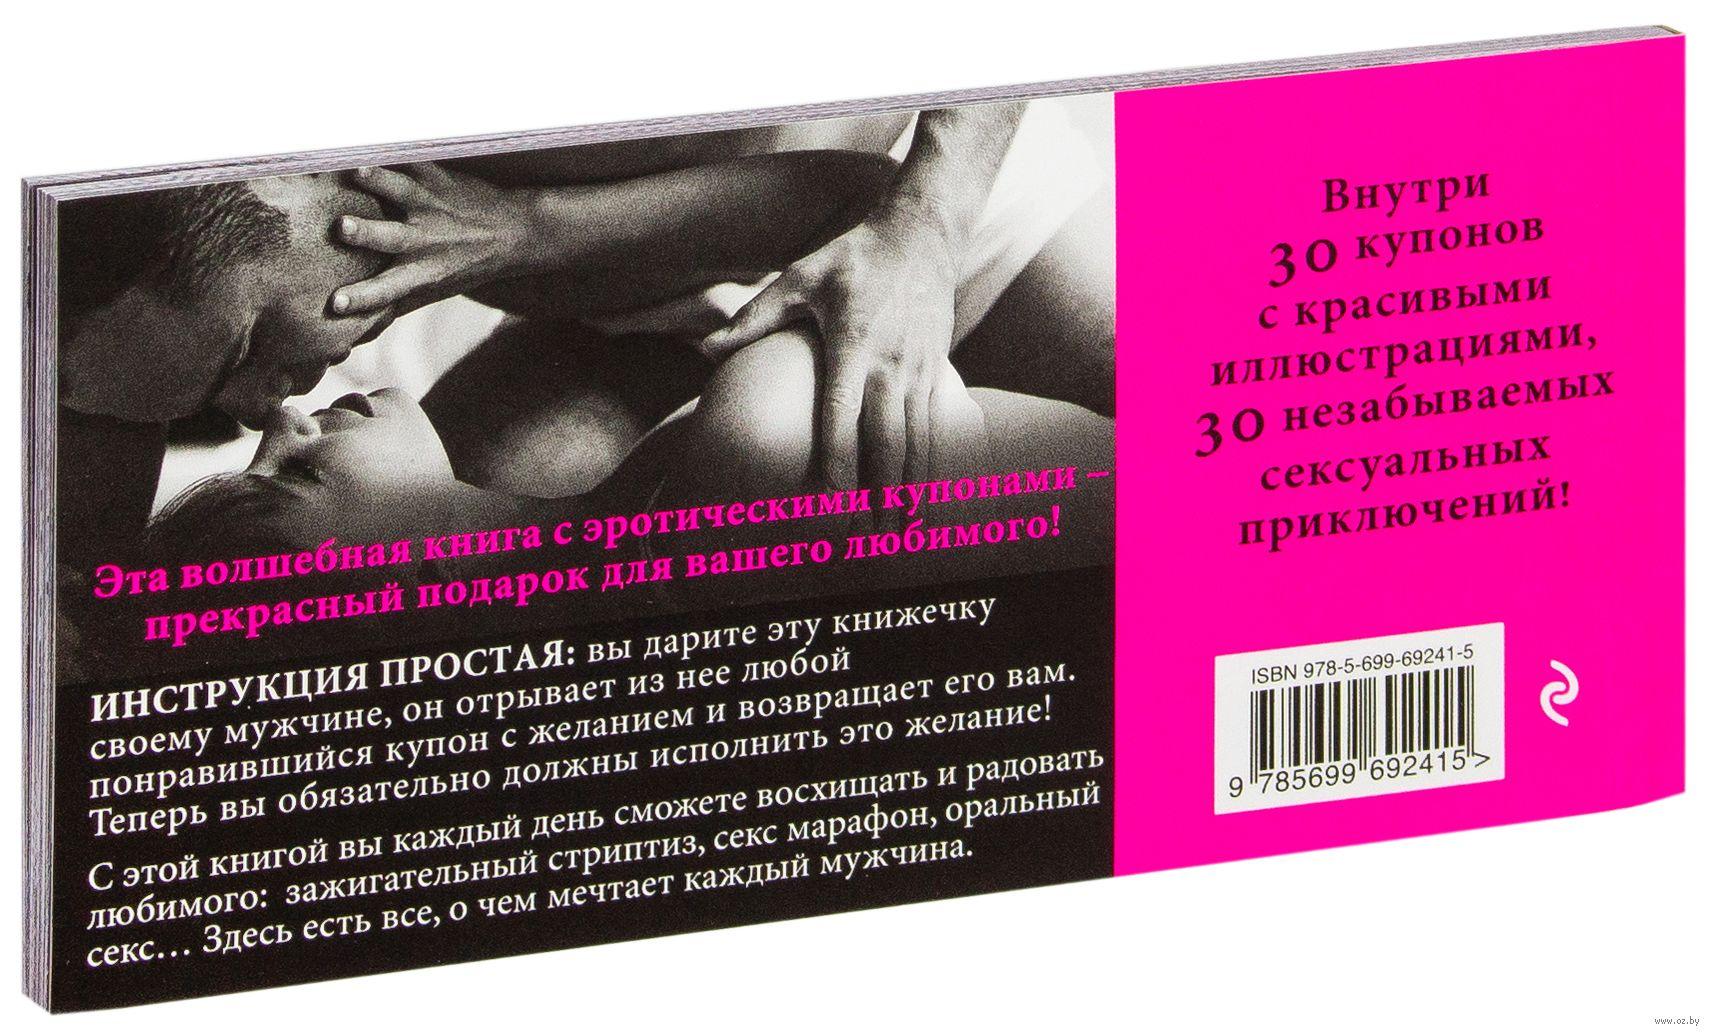 Желания и истории о сексе как и где